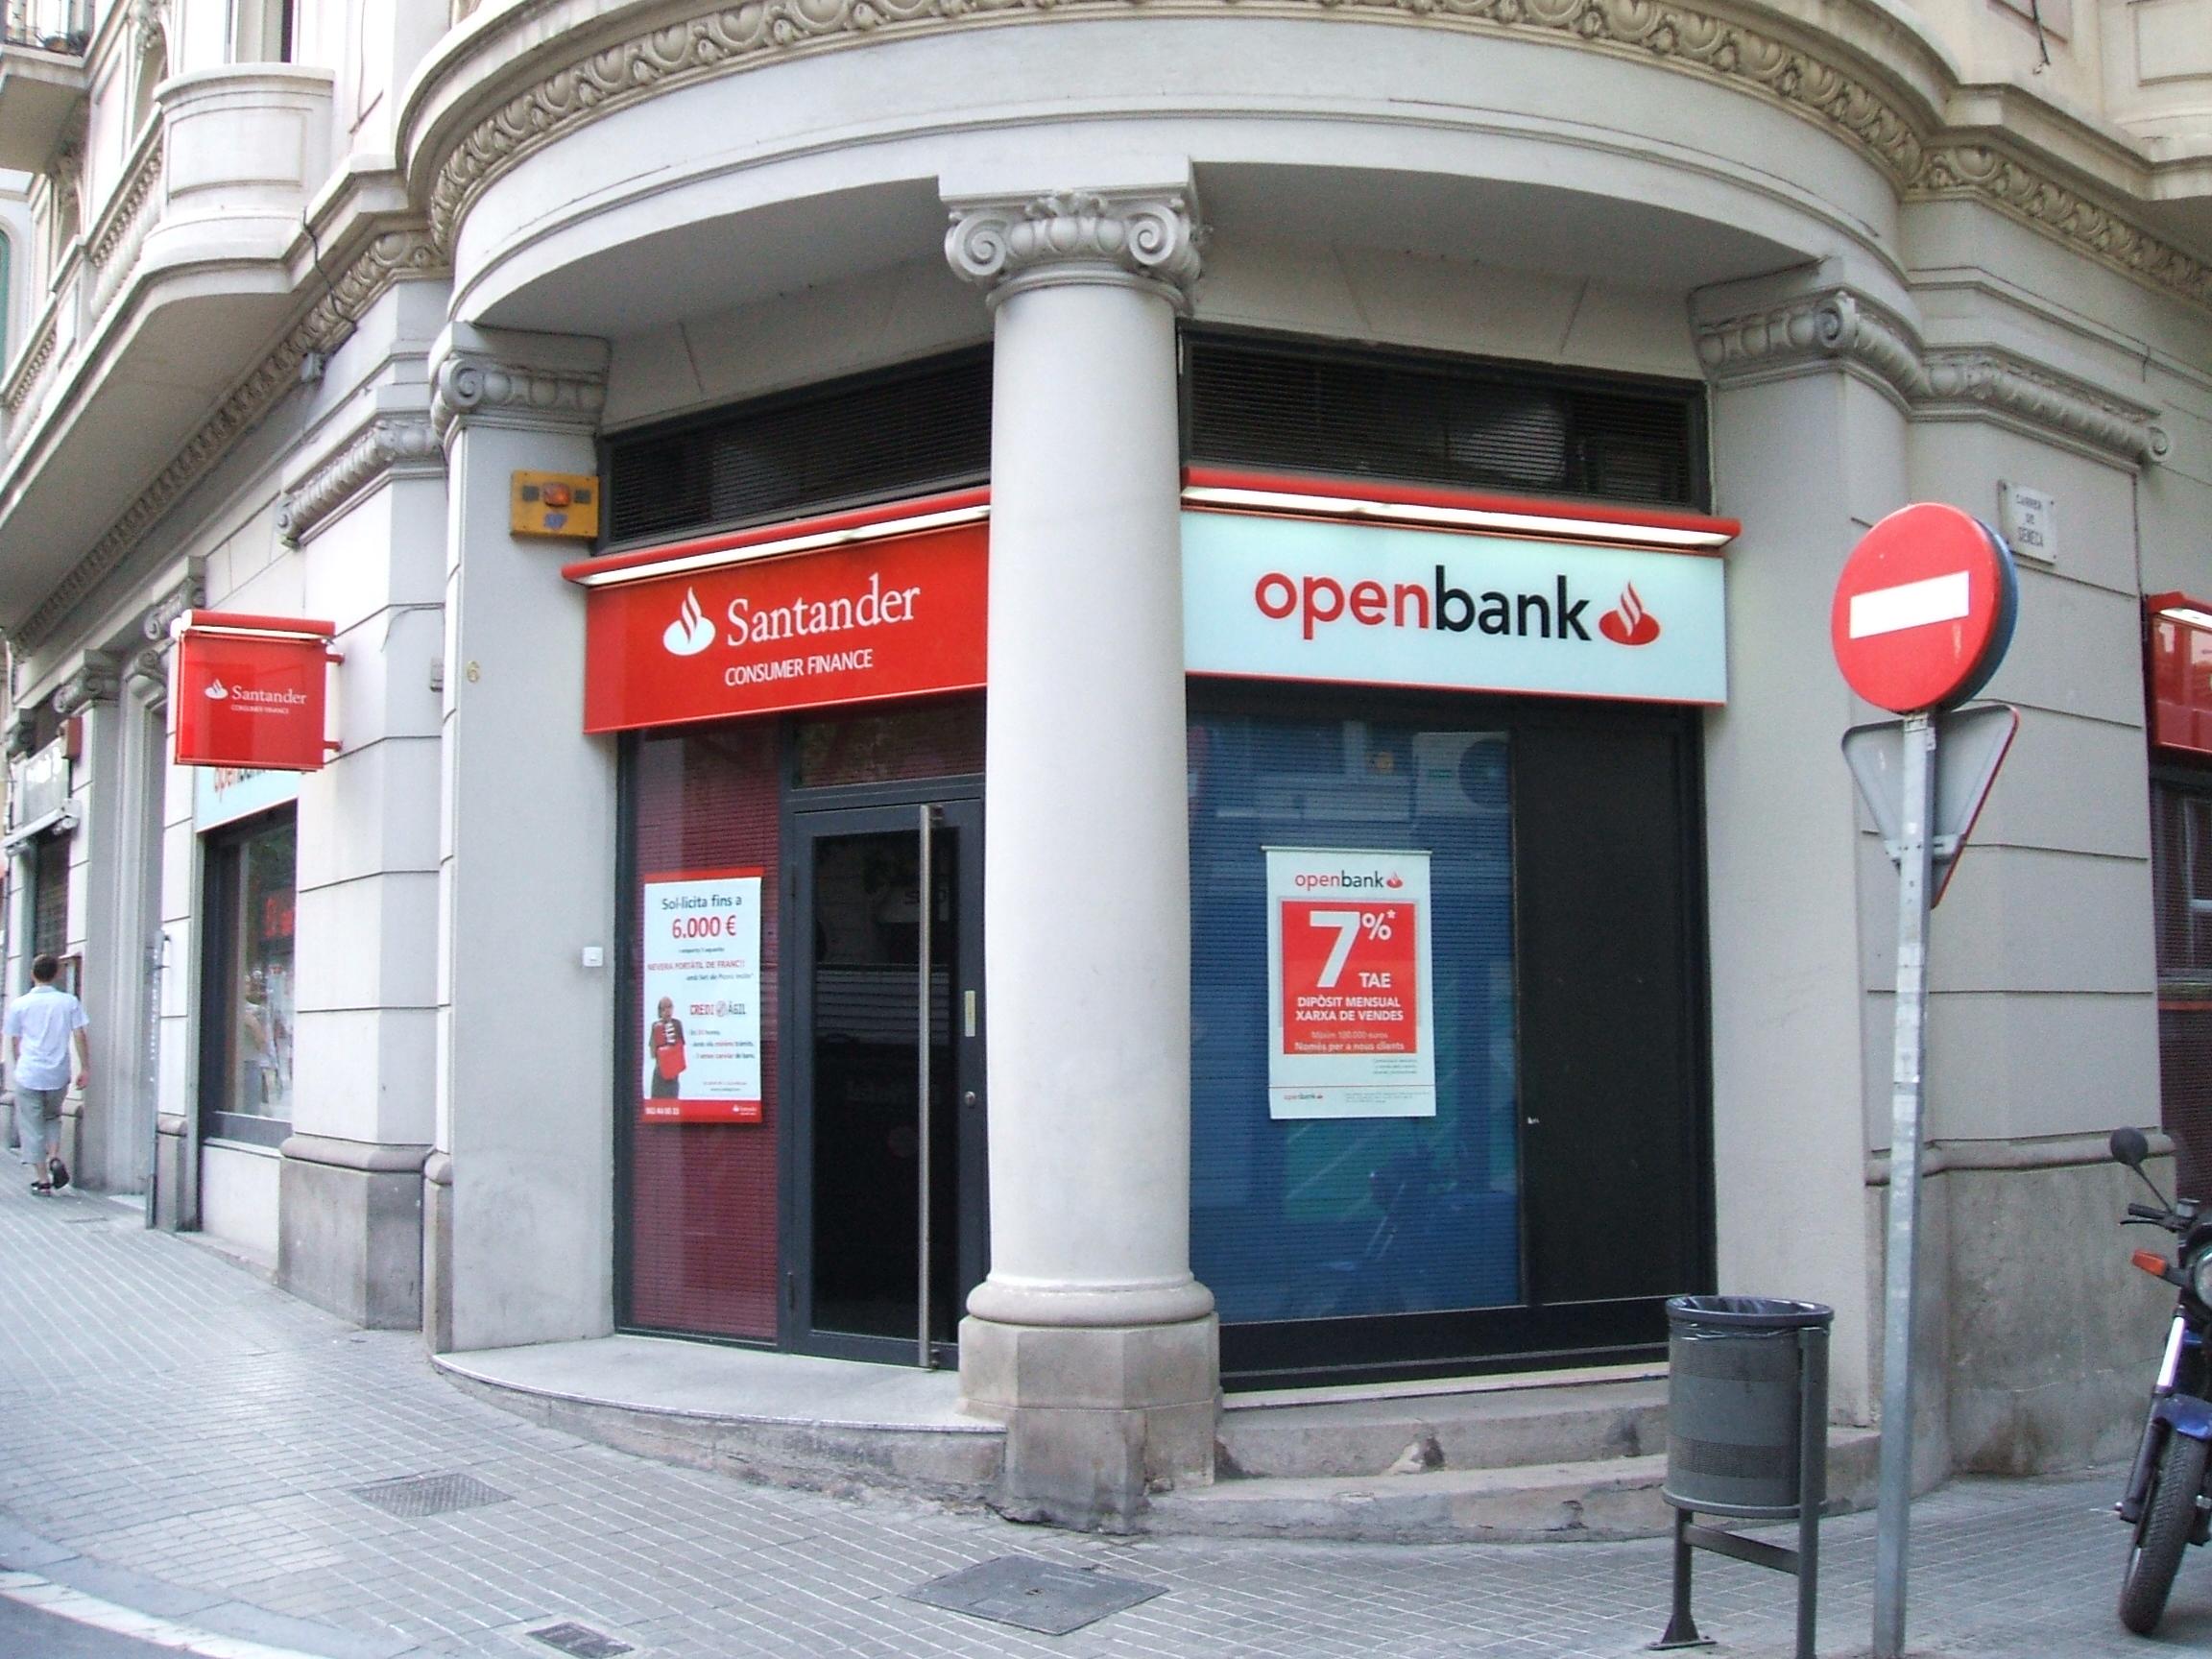 Banco santander for Banco santander sucursales barcelona